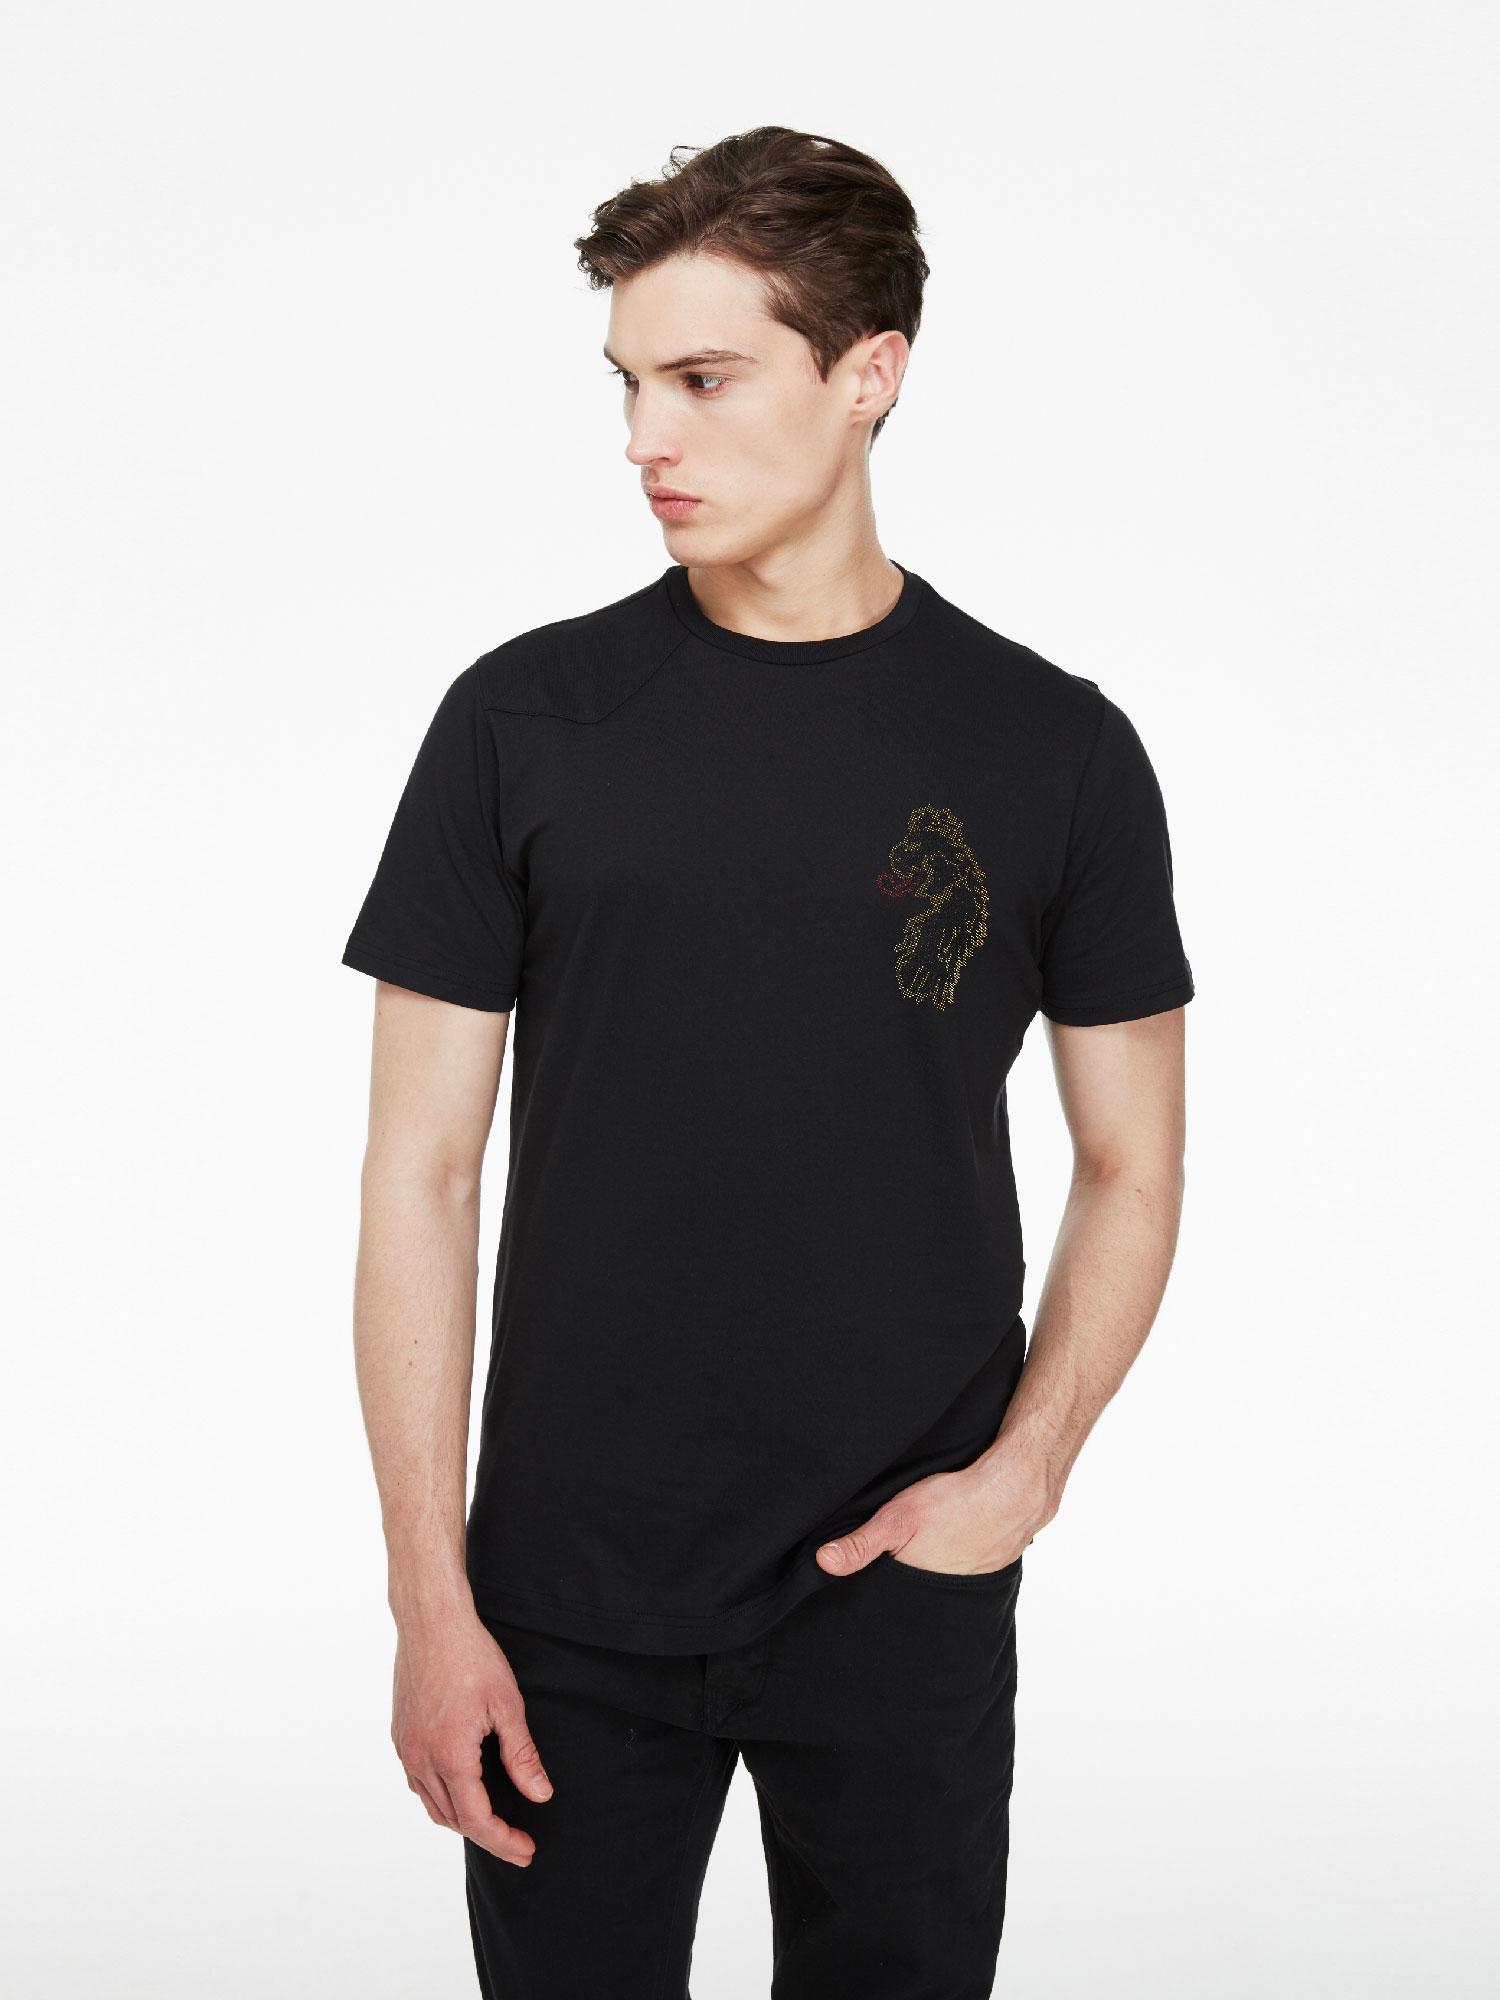 Shirt design uber - Uber Ebay Shop Design